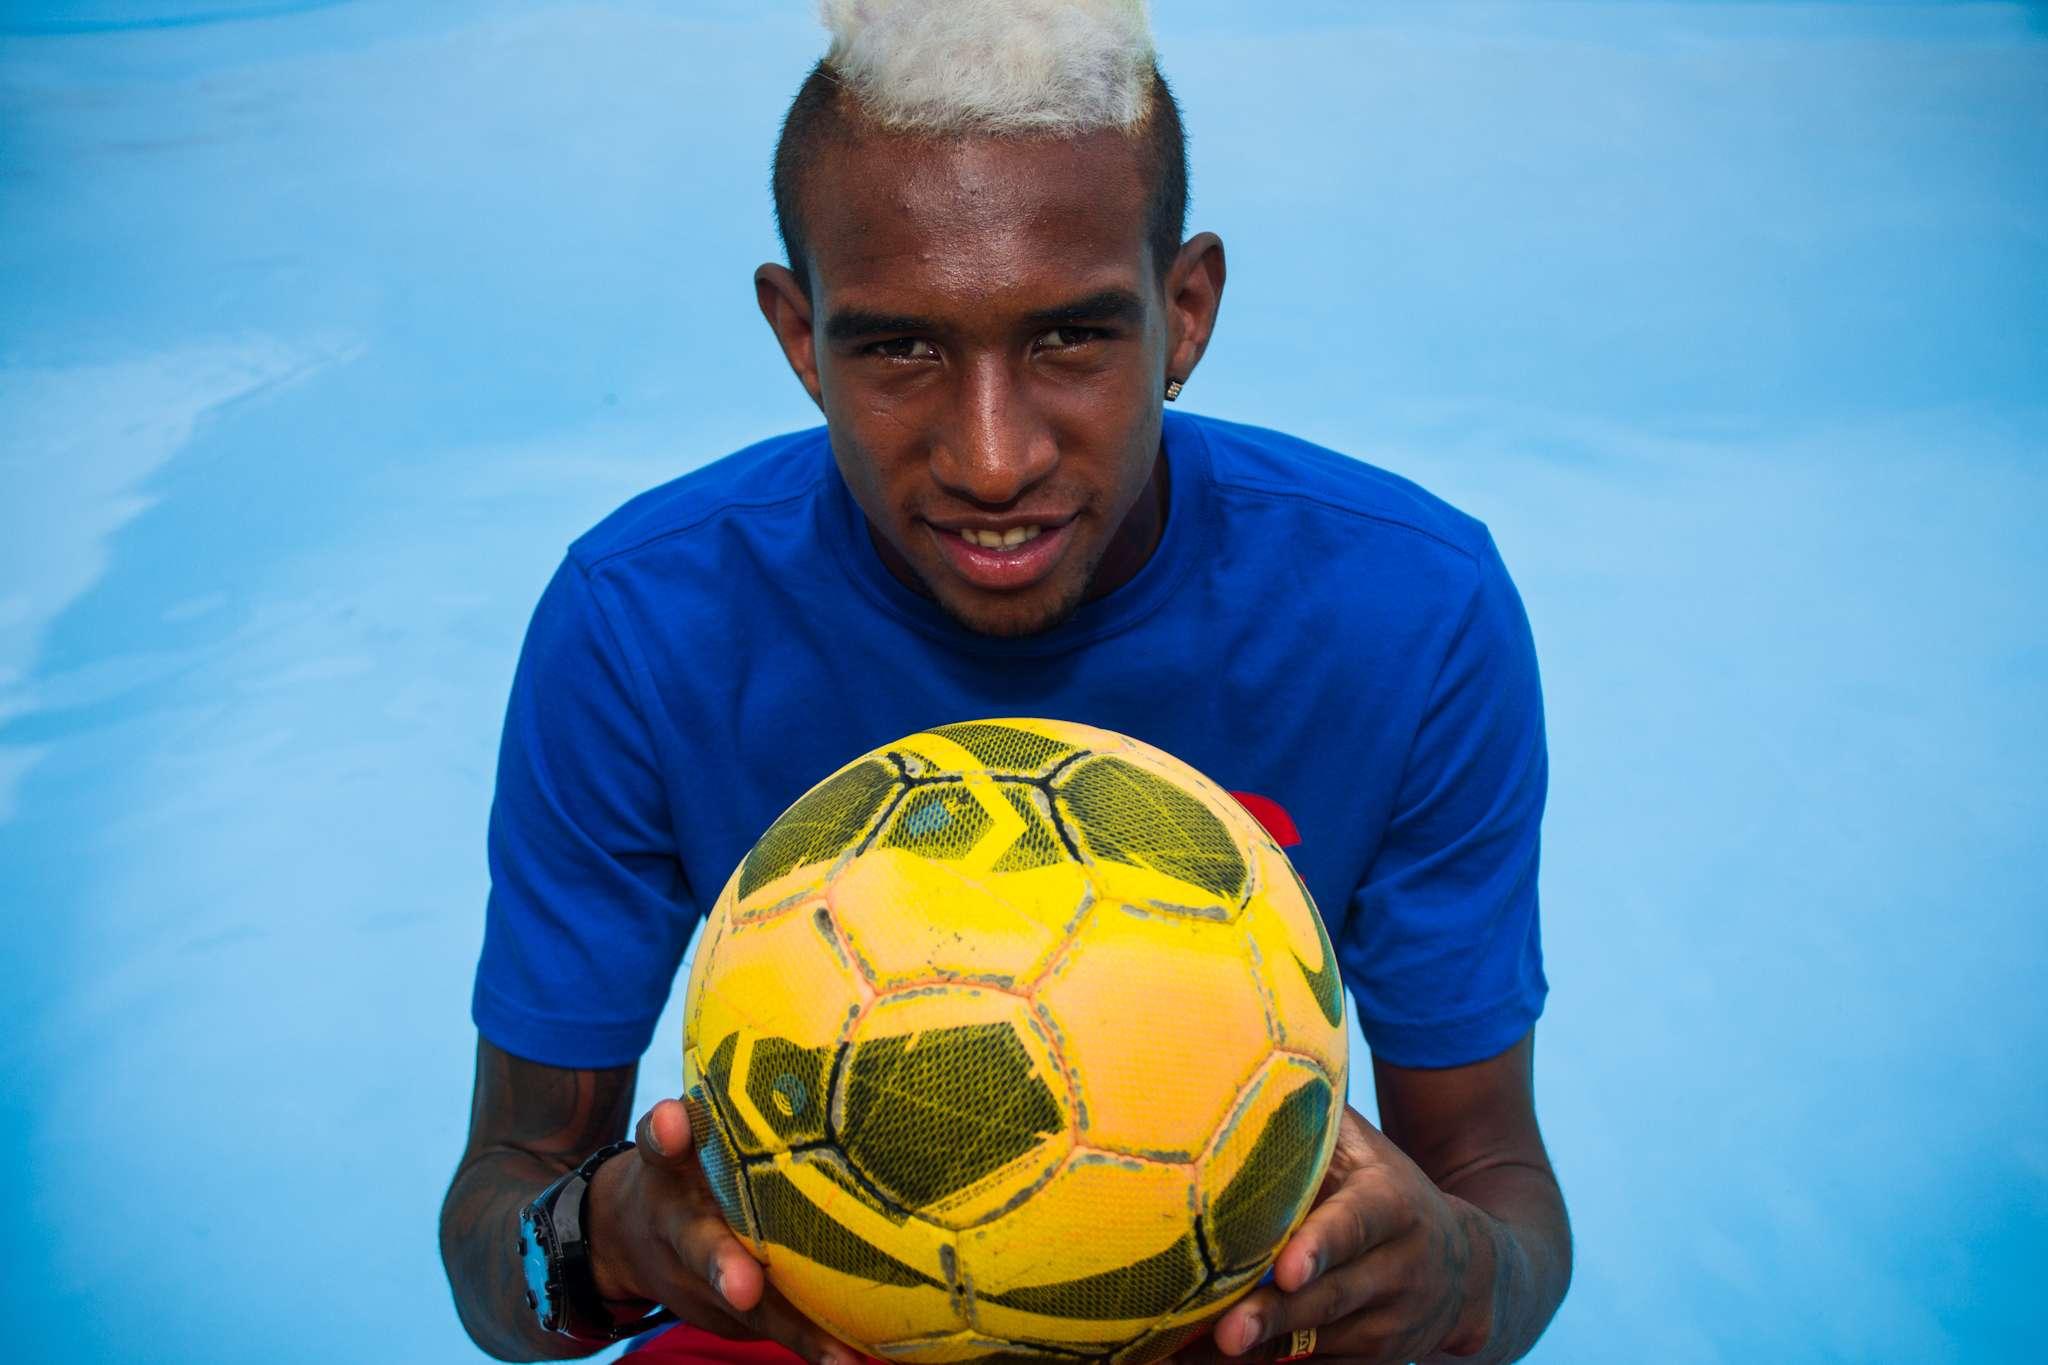 Talisca destacou bom trabalho na base do Bahia e vontade de jogar na Europa Foto: Nelson Oliveira